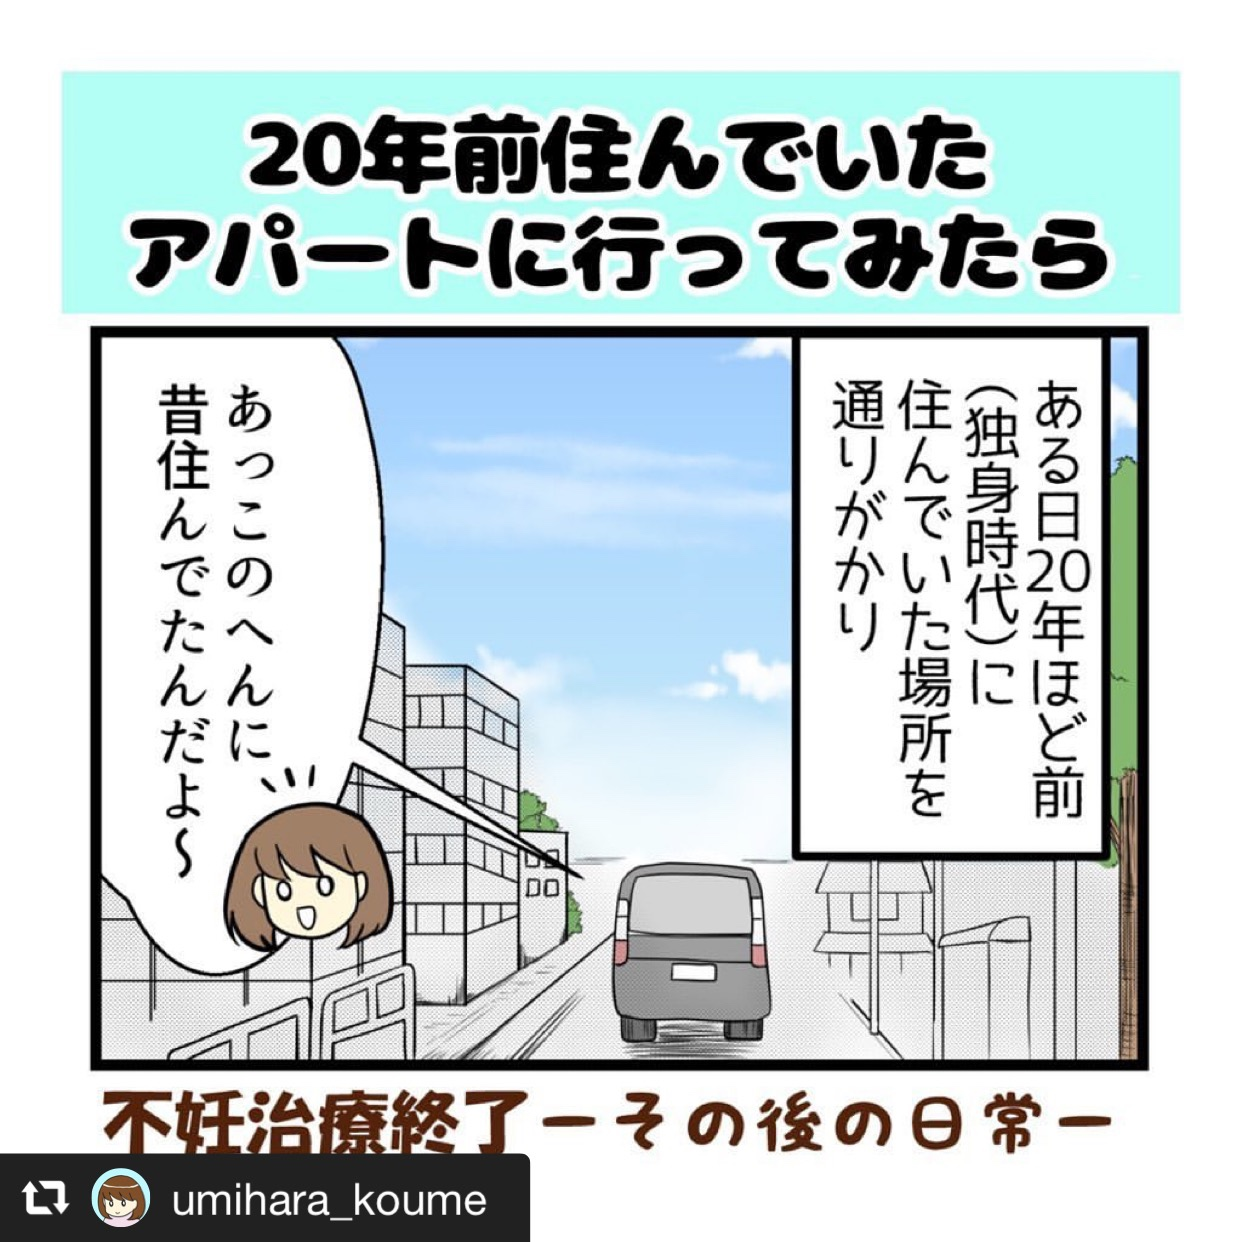 「未来の私は楽しく暮らしているよ!」20年前に住んでたアパートを通りがかって 画像1